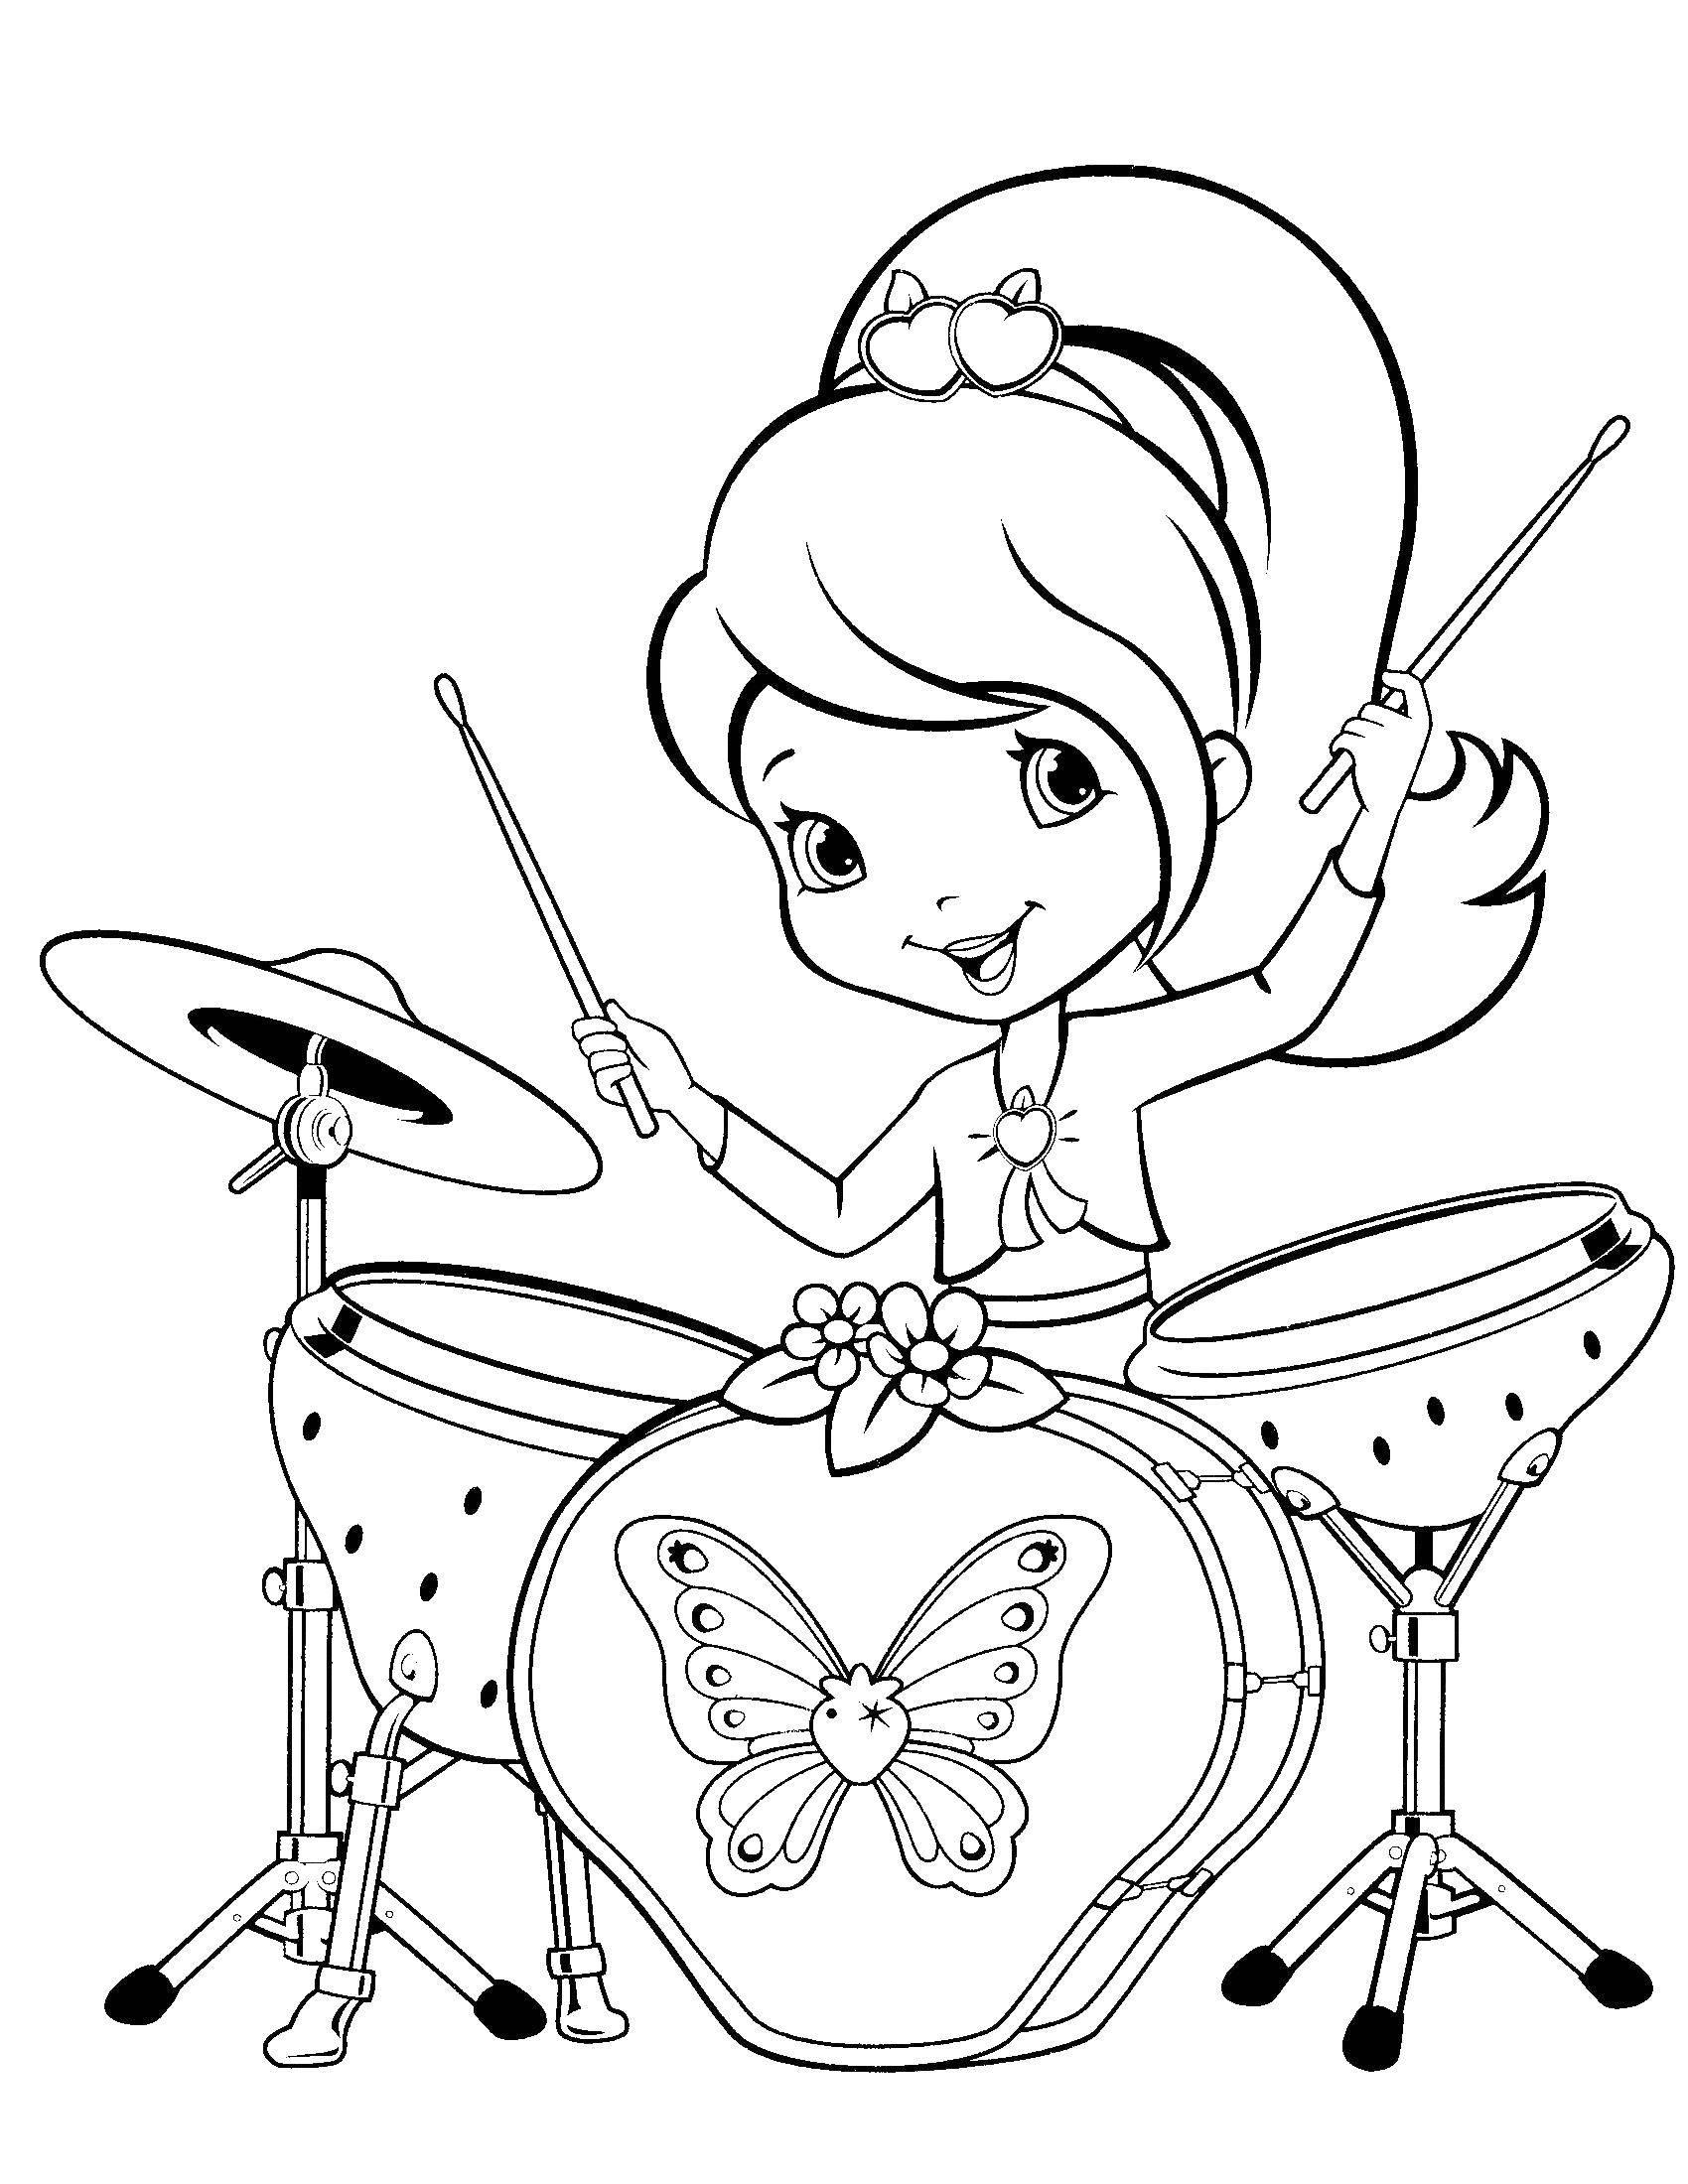 Раскраска Шарлотта земляничка играет на барабанах Скачать шарлотта, земляничка, мультики.  Распечатать ,шарлотта земляничка мультики,